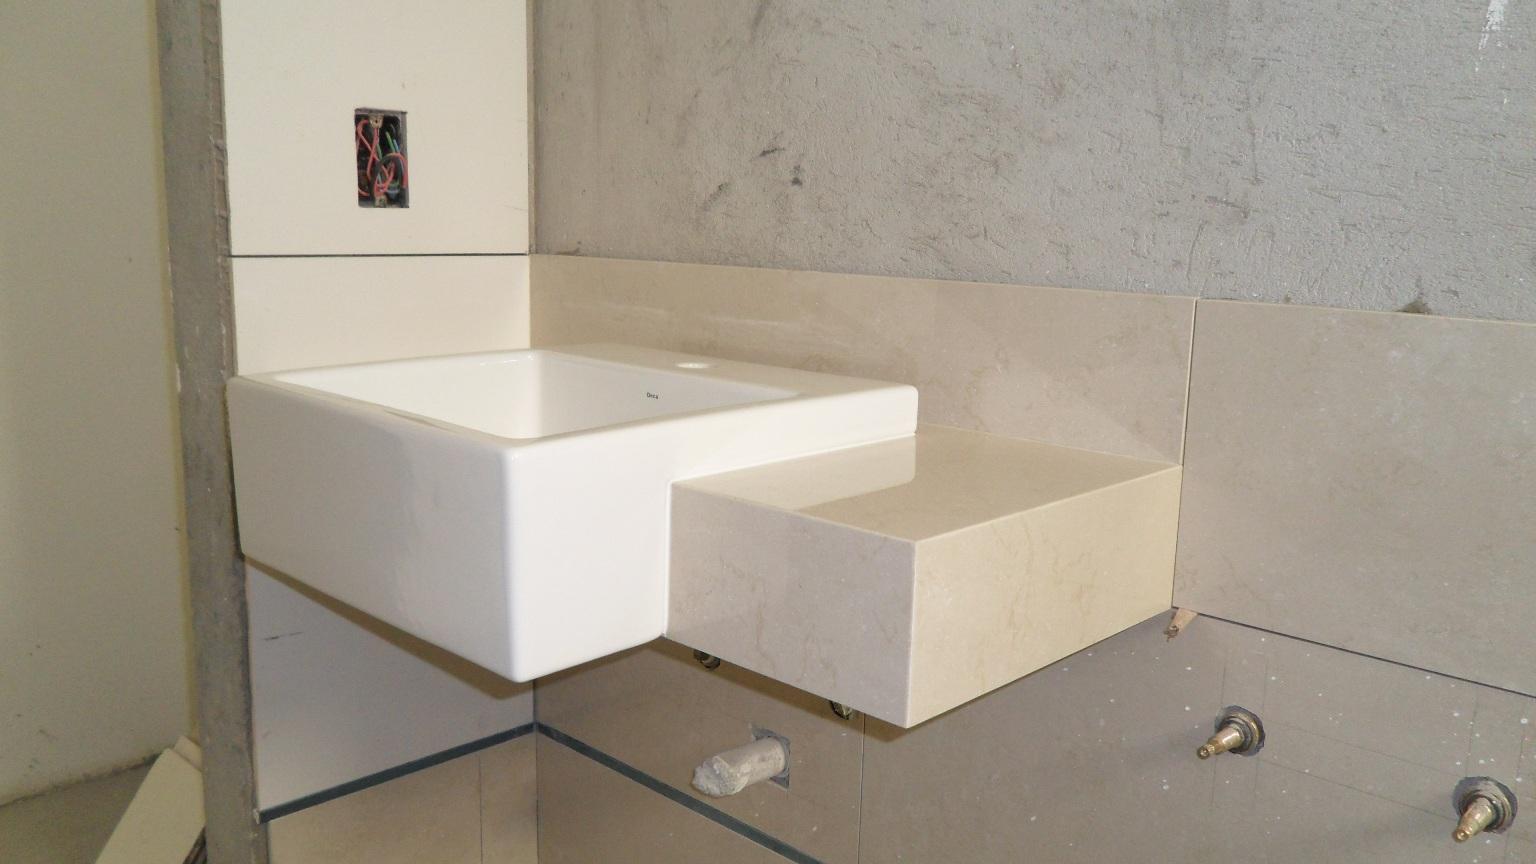 Bancada cuba Deca semi encaixe porcelanato Portobello Perlino Bianco  #5E4D38 1536x864